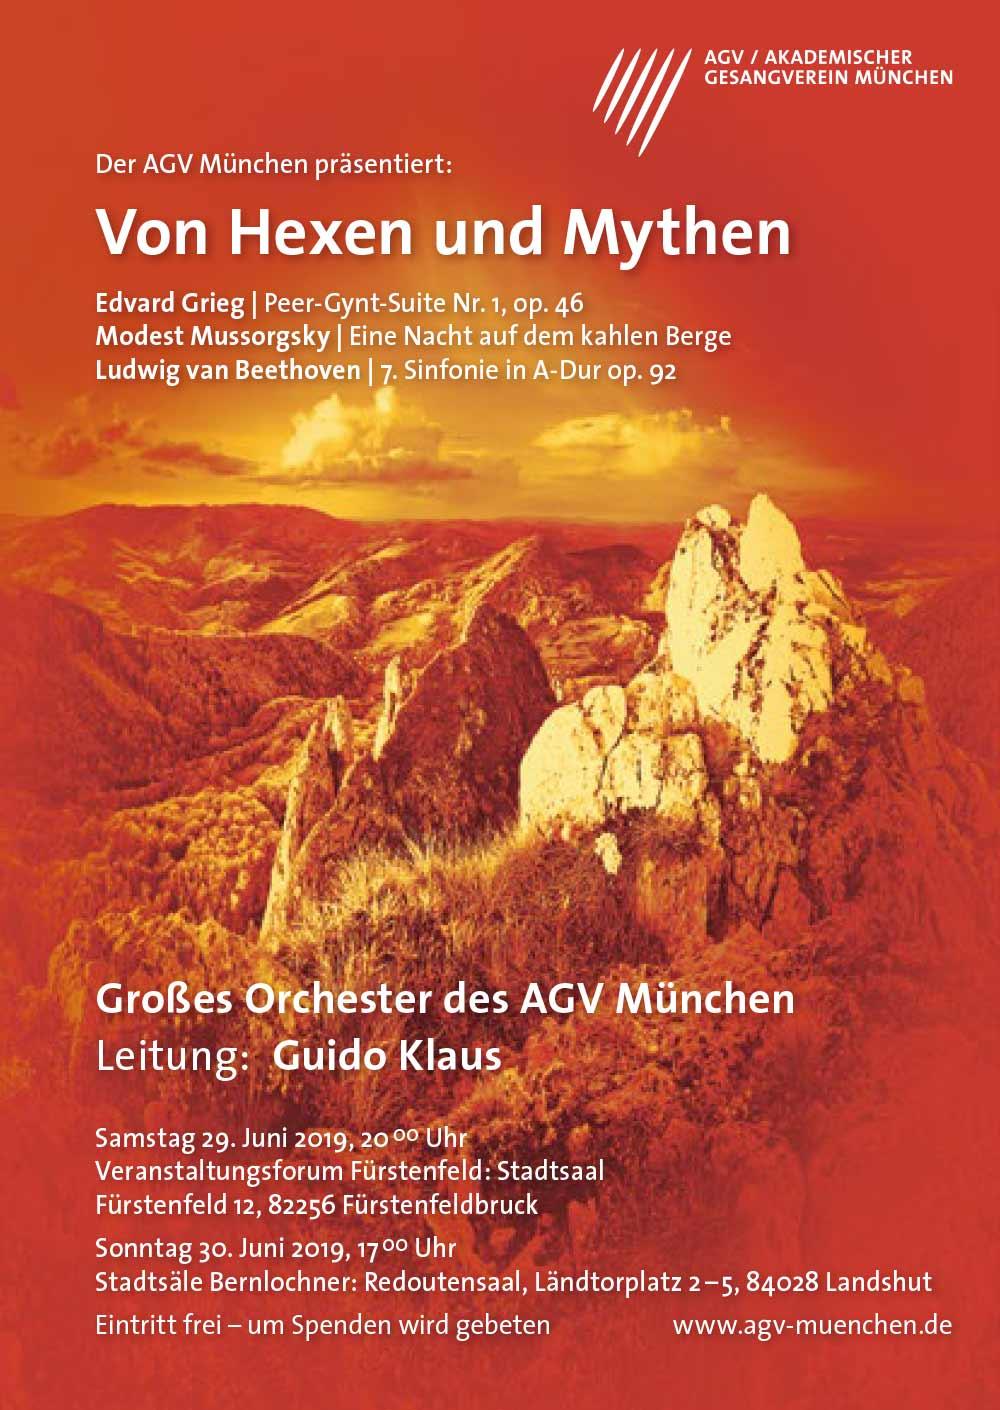 Plakat 2 Akademischer Gesangsverein München